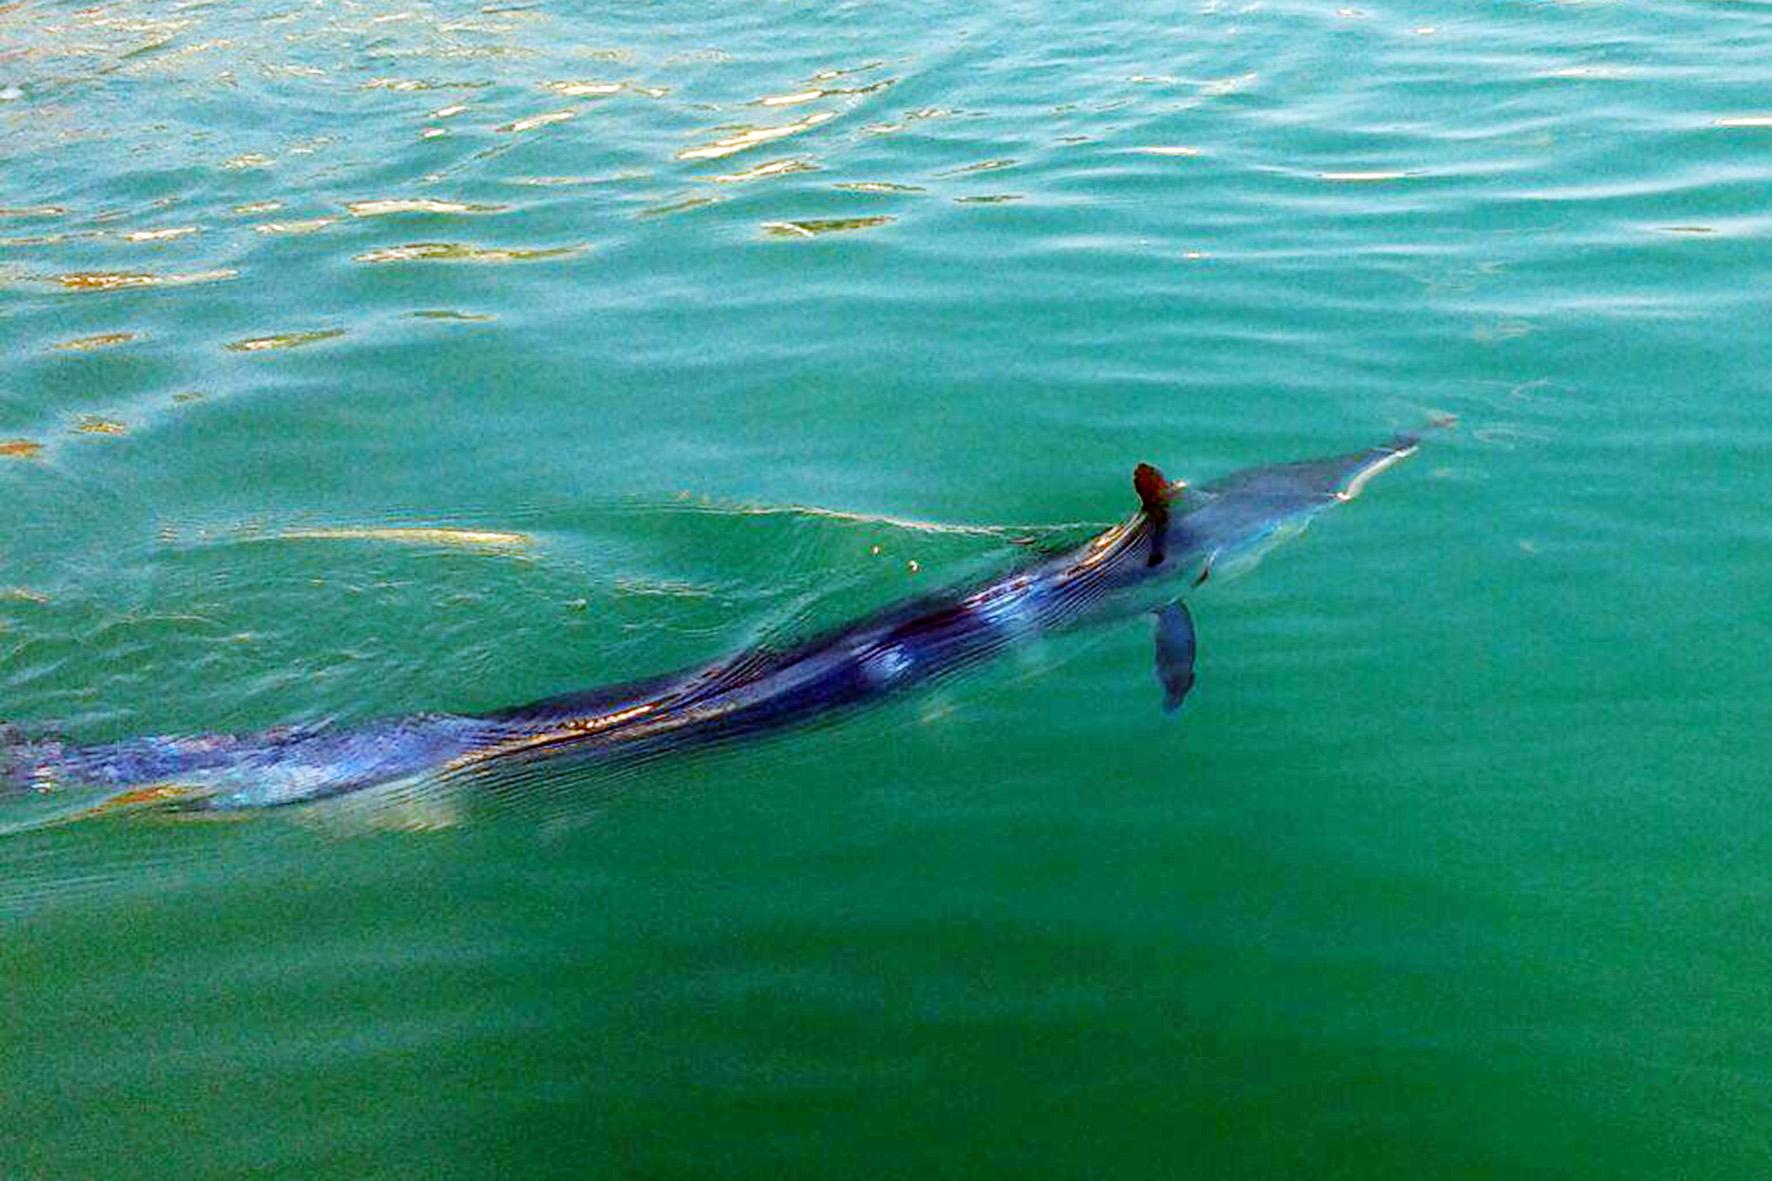 Le foto aguglia imperiale nelle acque di santa teresa for Un pesce allevato in acque stagnanti